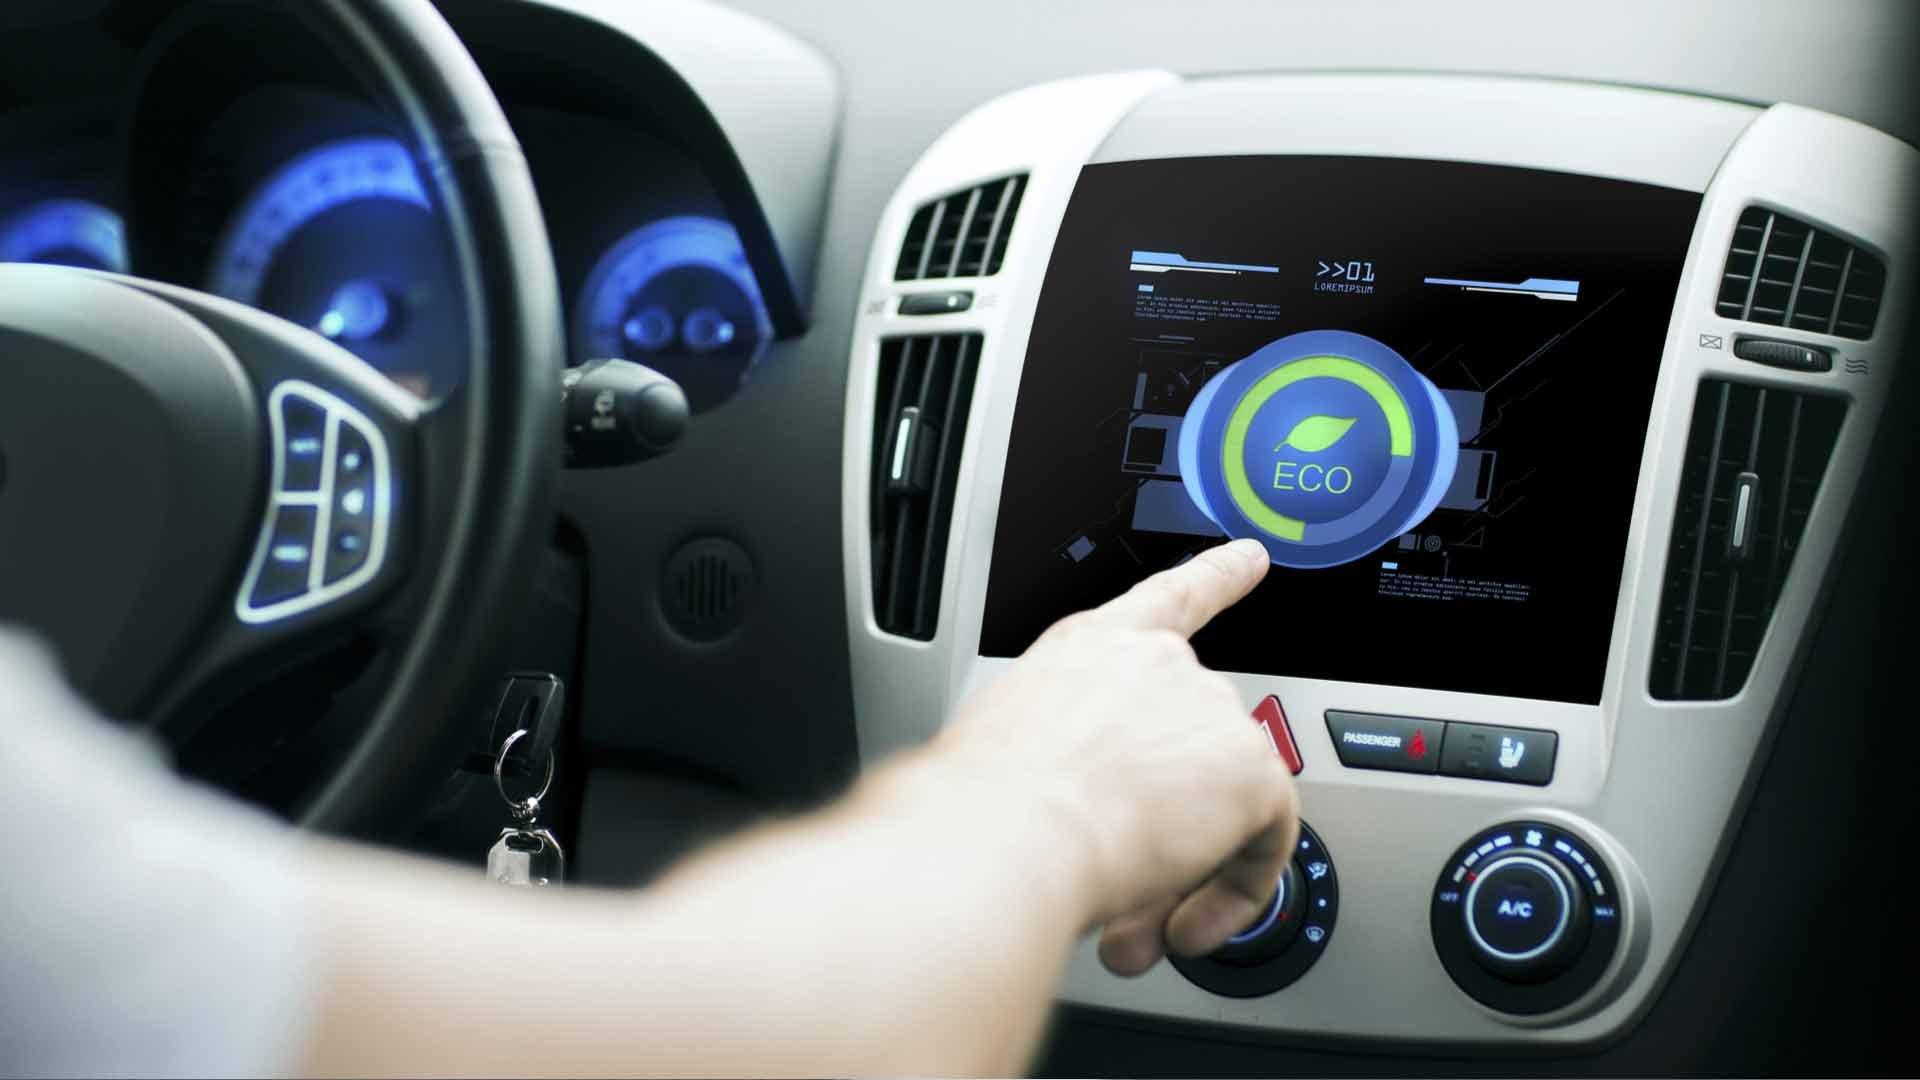 trucos-reducir-consumo-coche